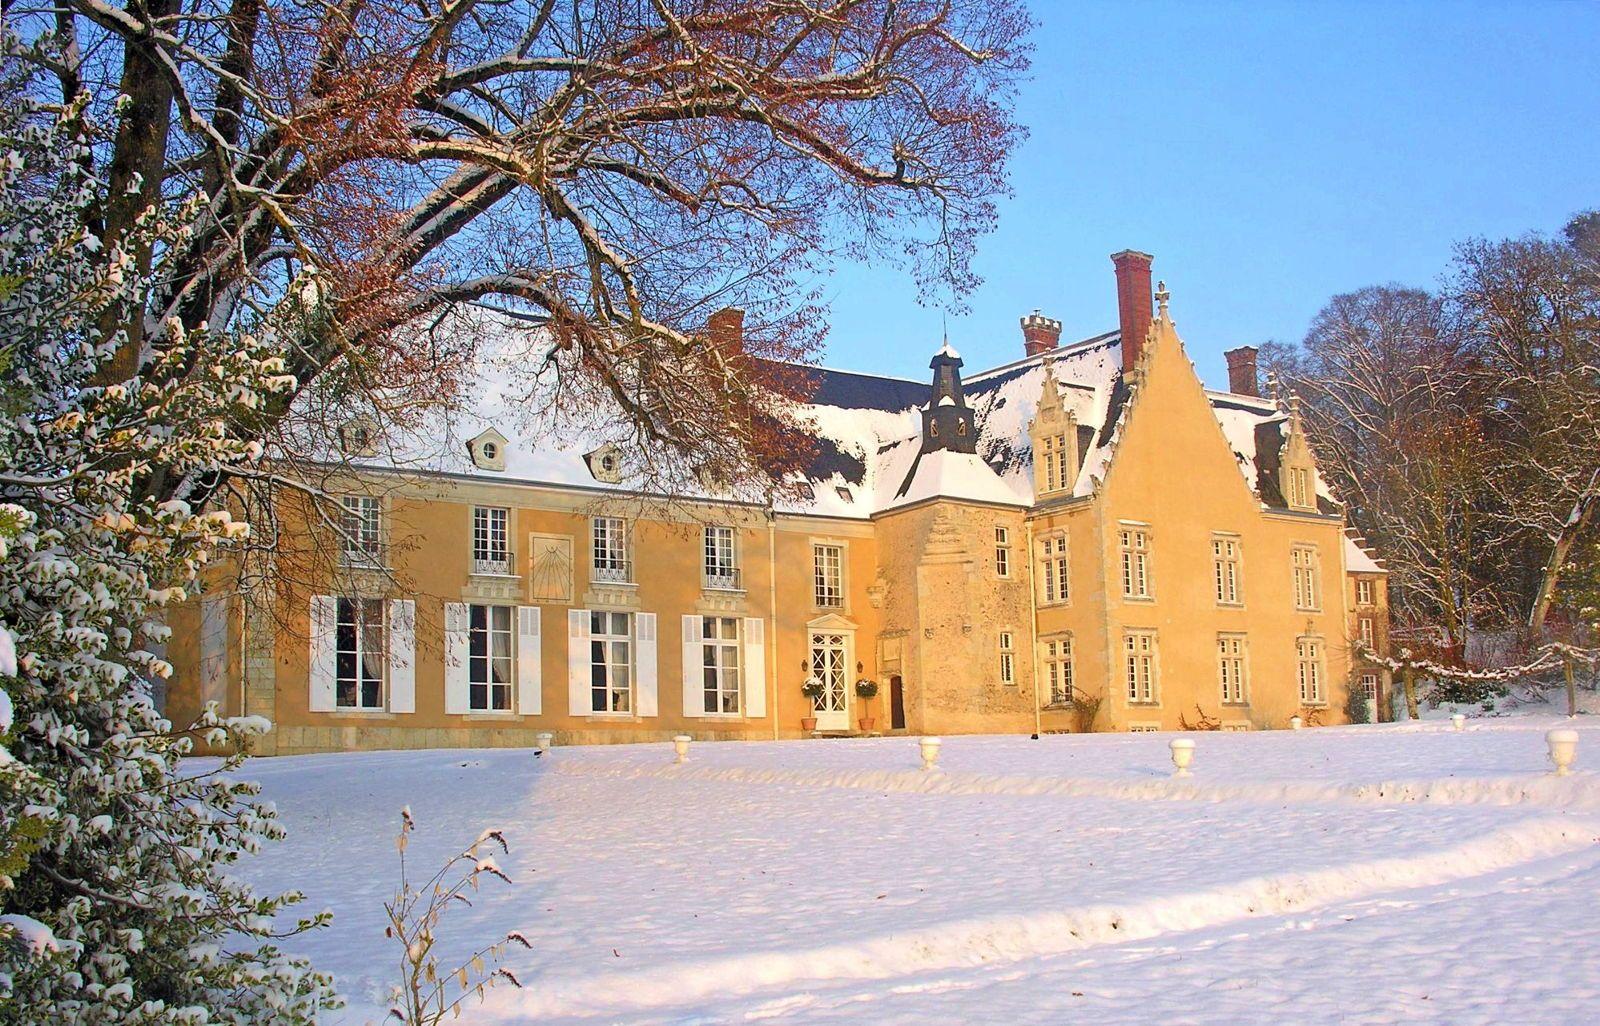 Propose location château de famille, pour fêter Noël ou Nouvel An - 8chambres 16couchages